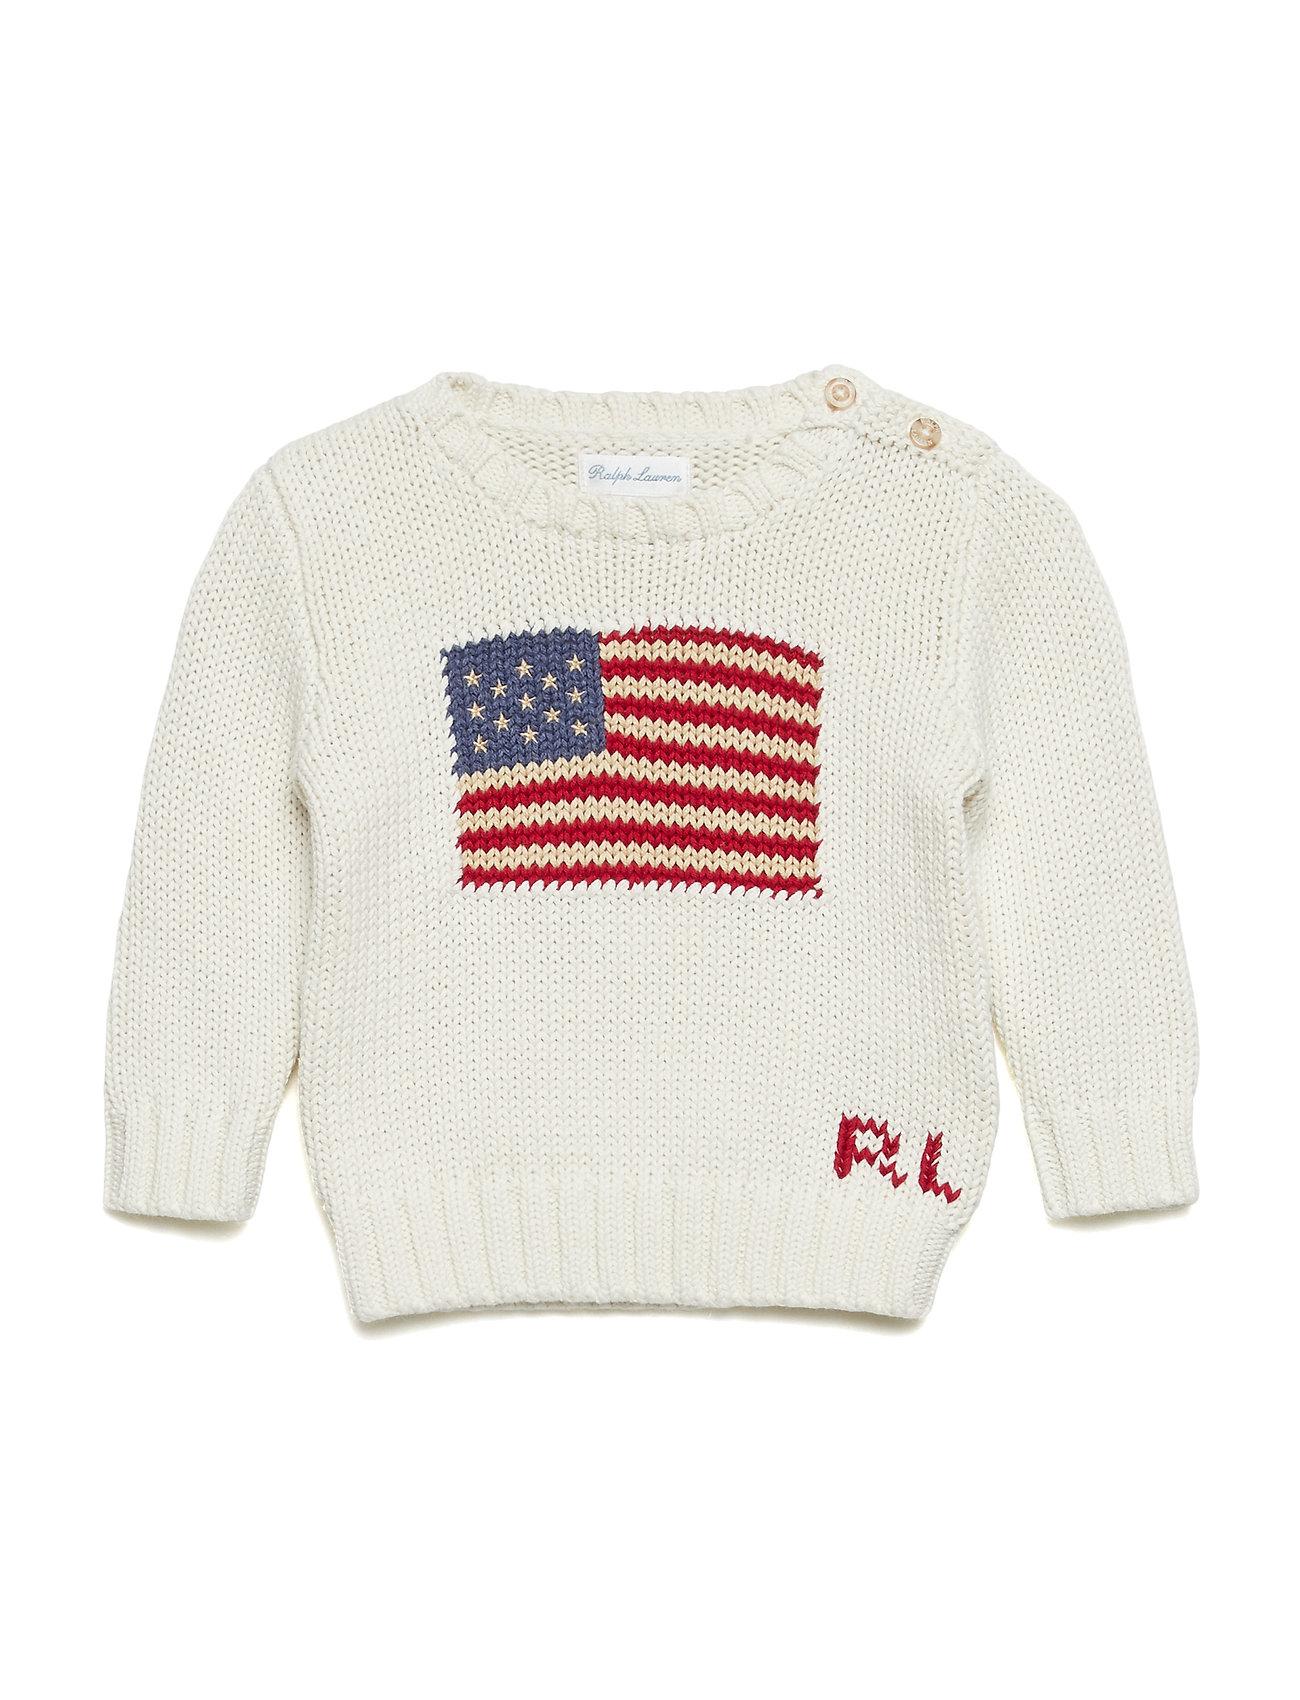 5ae0d45313dad Flag Cotton Sweater (Chic Cream) (£89) - Ralph Lauren Baby -